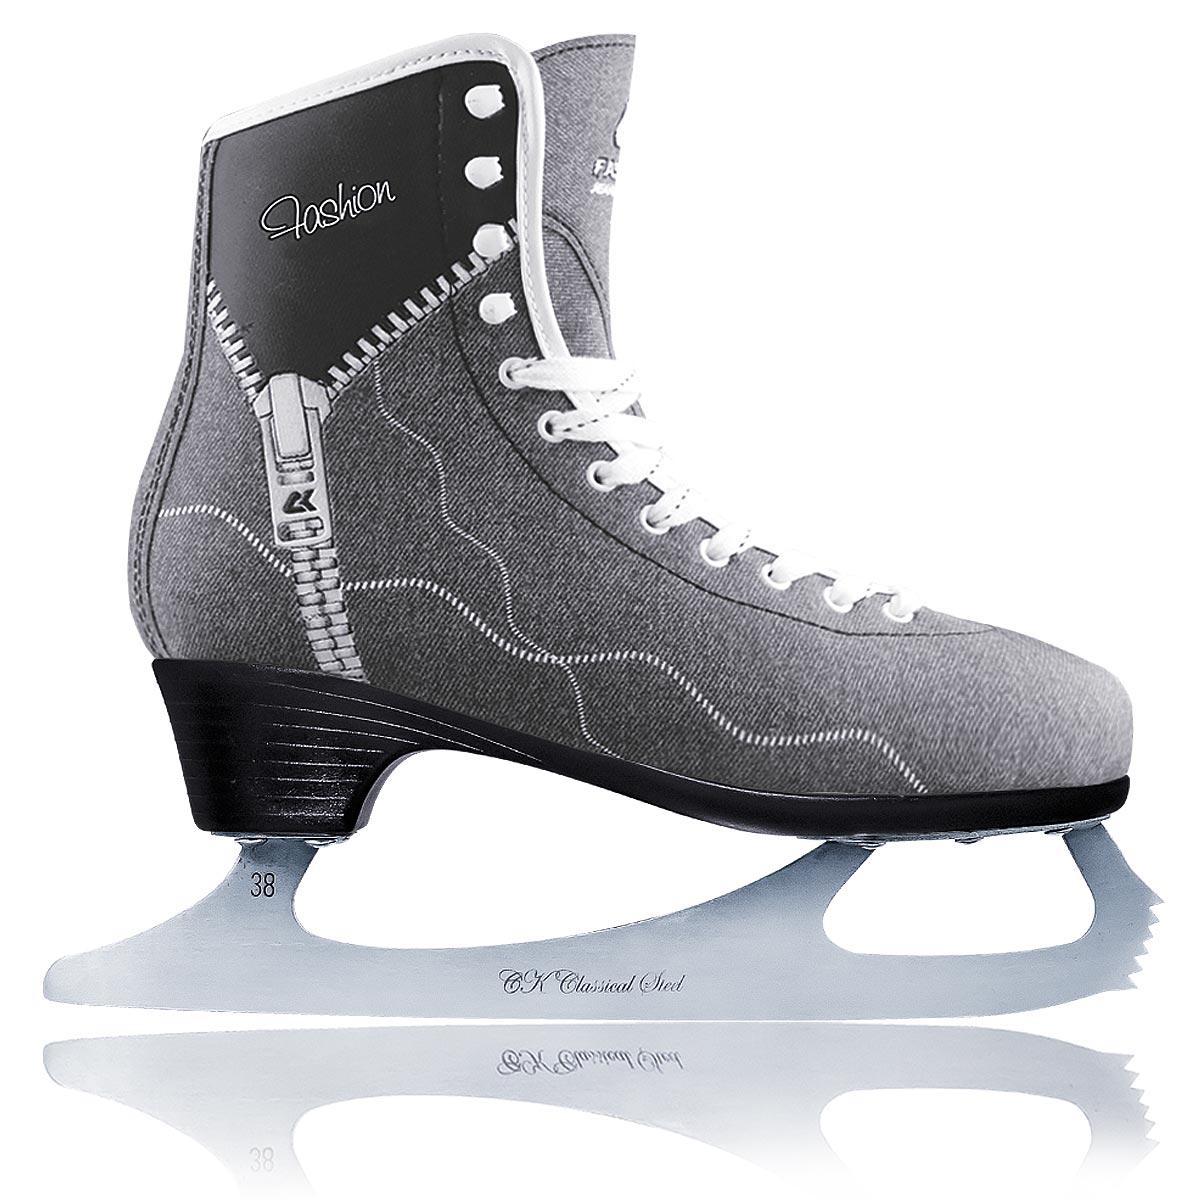 Коньки фигурные для девочки CK Fashion Lux Jeans, цвет: серый. Размер 34FASHION LUX jeans_серый_34Фигурные коньки от CK Fashion Lux Jeans идеально подойдут для любительского катания. Модель с высокой, плотной колодкой и усиленным задником, обеспечивающим боковую поддержку ноги, выполнена из синтетического материала на виниловой основе. Внутренняя поверхность отделана искусственным мехом. Анатомический язычок из войлока идеально облегает стопу и повышает комфорт. Стелька из упругого пенного полимерного материала EVA предназначена для быстрой адаптации ботинка к индивидуальным формам ноги и ее комфортного положения. Ботинок обеспечивает комфорт и устойчивость ноги, правильное распределение нагрузки, сильно снижает травмоопасность. Ботинок полностью обволакивает ногу, обеспечивает прочную и удобную фиксацию ноги, а также повышенную защиту от ударов. Модель фиксируется на ноге классической шнуровкой. Лезвие выполнено из нержавеющей стали, оно обладает высокой твердостью и долго держит заточку. Подошва Graceful обладает элегантным дизайном, повышенной твердостью и пониженным весом. Более высокий каблук делает ногу более изящной и стройной, а также повышает управляемость и маневренность конька.